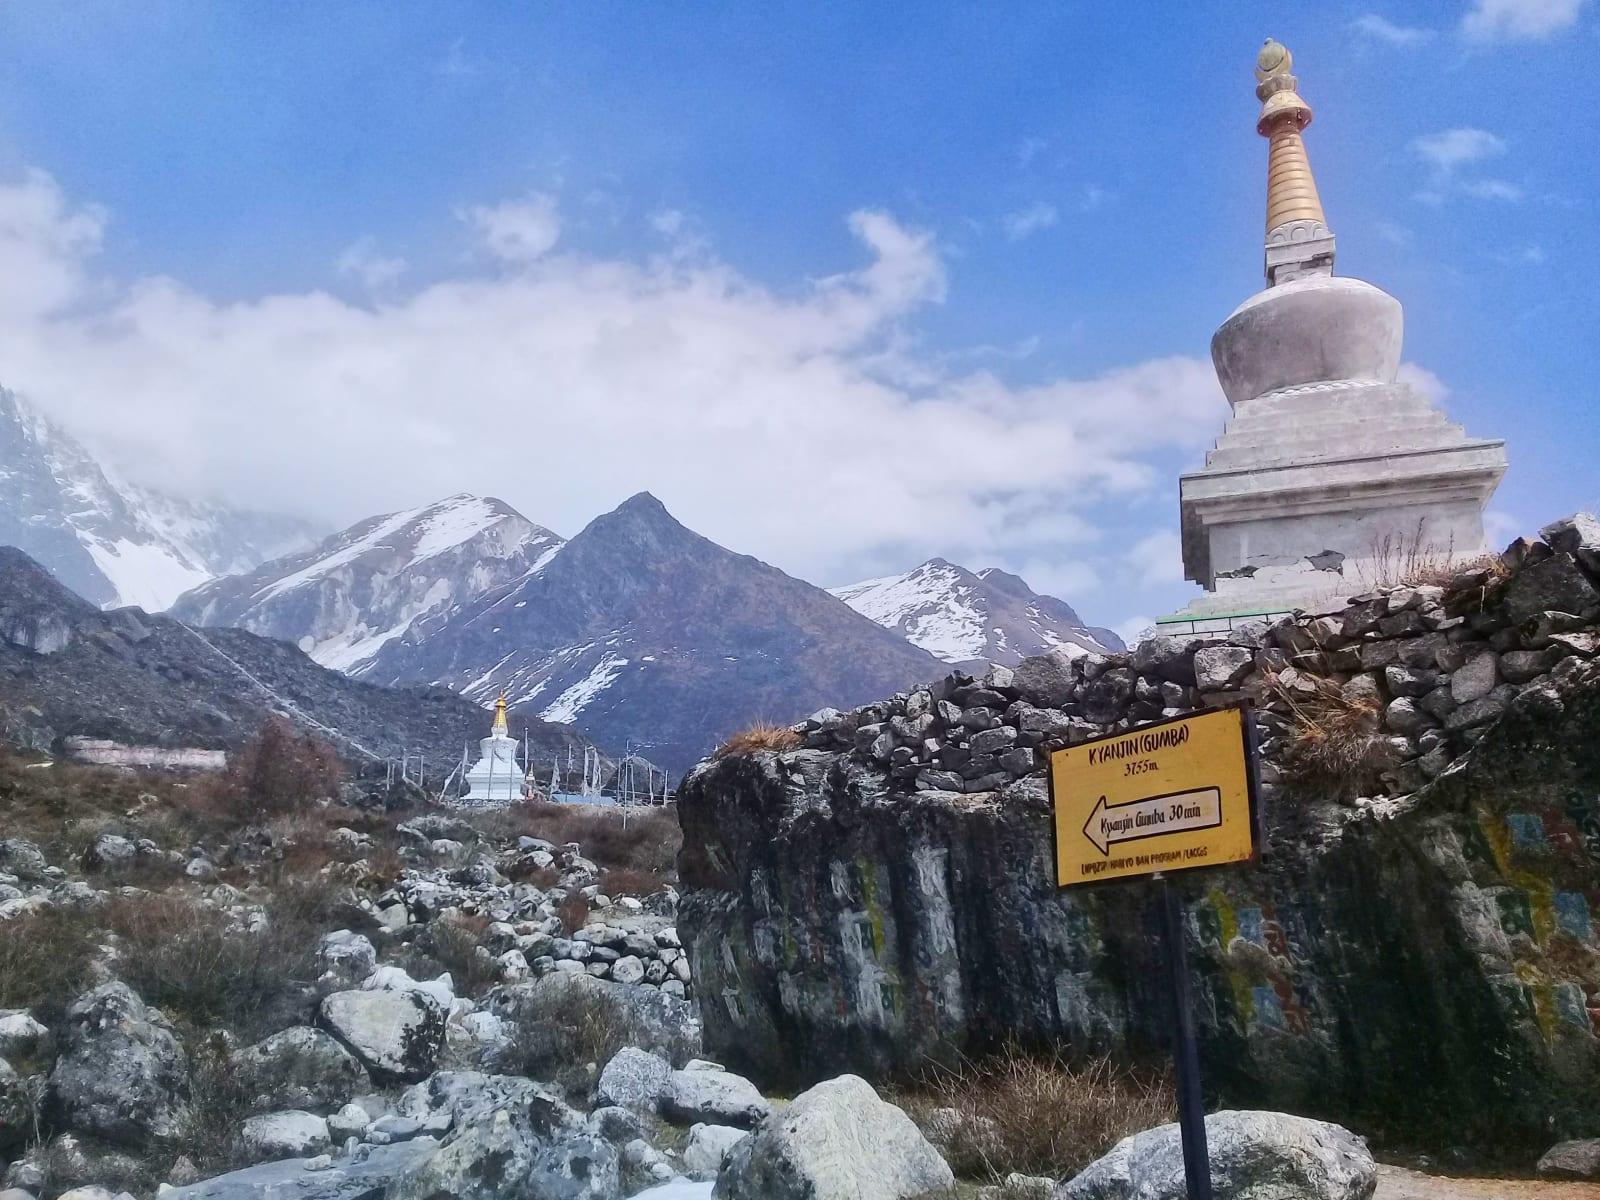 Stupy-před-Kyanjin-Gompa-Nepál